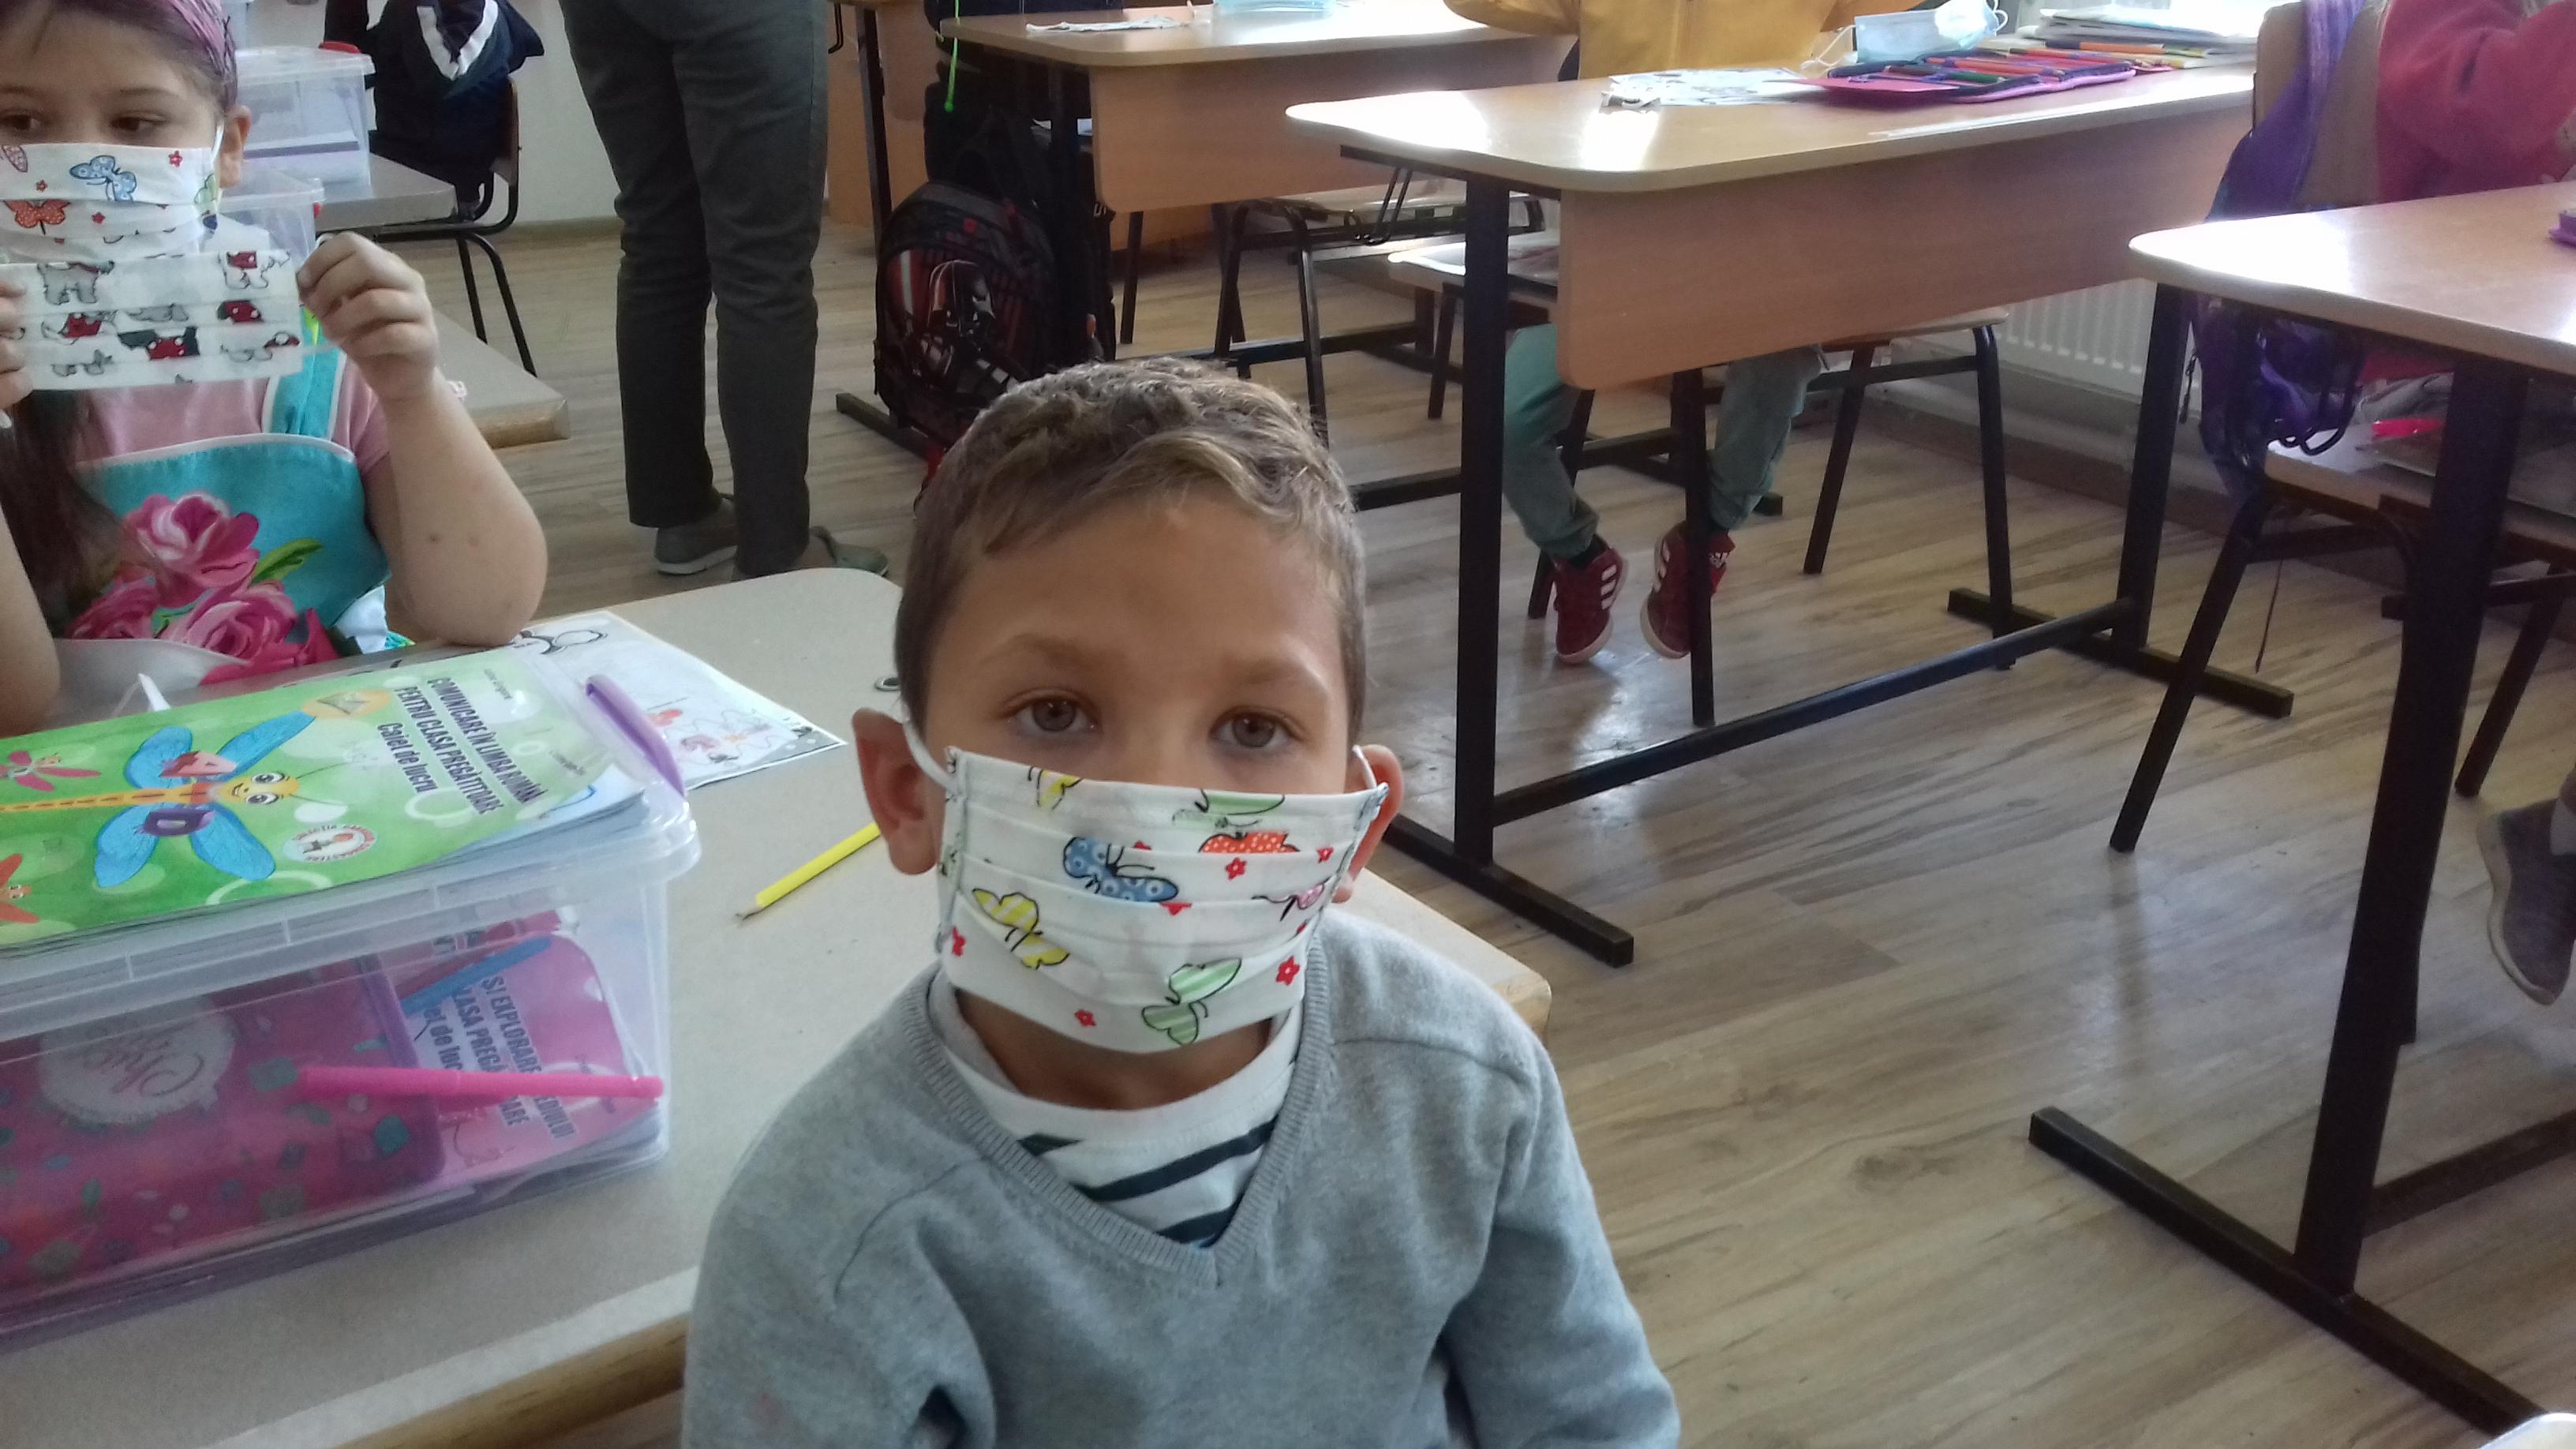 SONDAJ World Vision România: Peste 80% dintre profesori şi 70% dintre elevi cred că şcolile trebuie redeschise sau pot rămâne închise doar în zonele cu risc crescut de infectare.